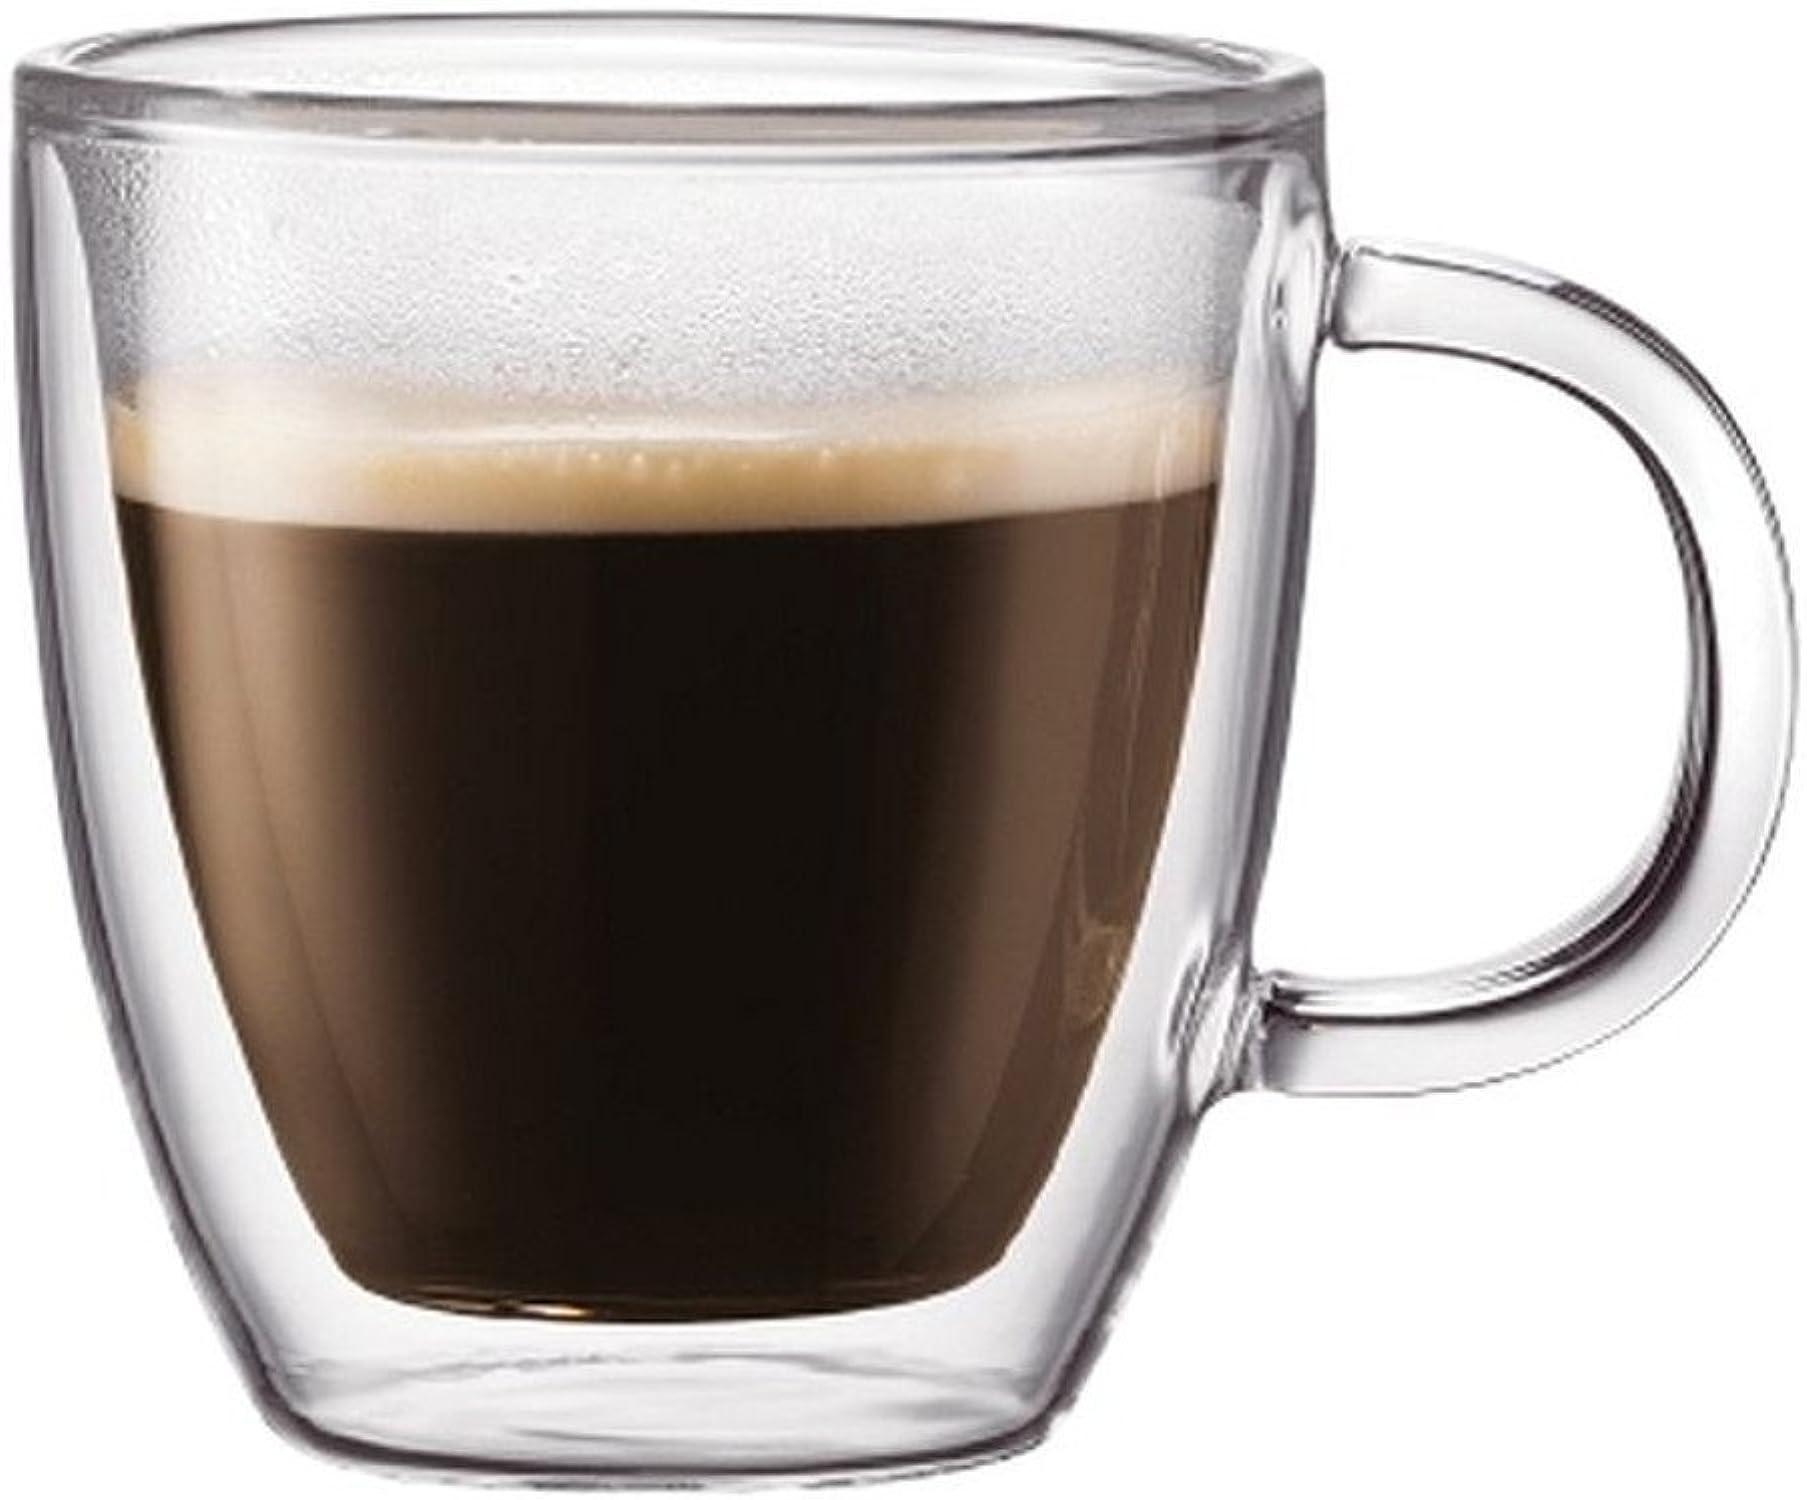 Bodum Bistro Double Paroi en verre thermique Espresso Mug pour boissons chaudes et froides Transparent Lot de 2 Différentes tailles 0.15l, 5oz transparent